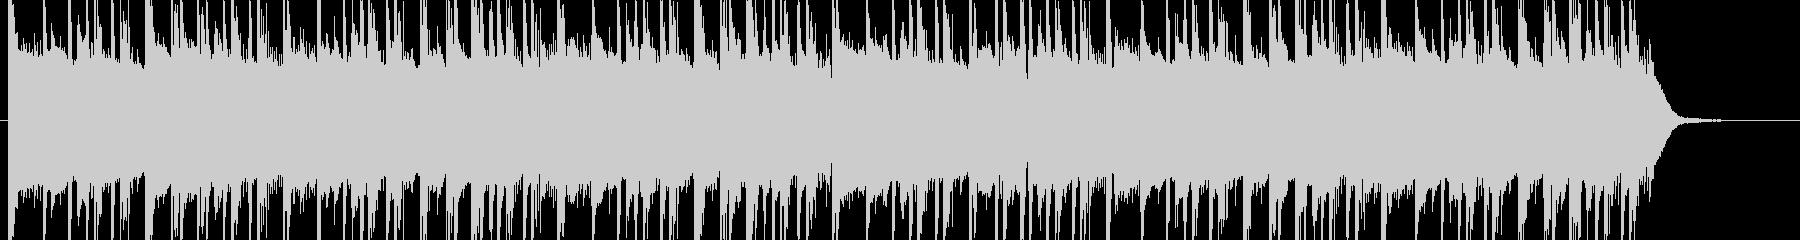 さくらさくらHiphopアレンジ/30秒の未再生の波形